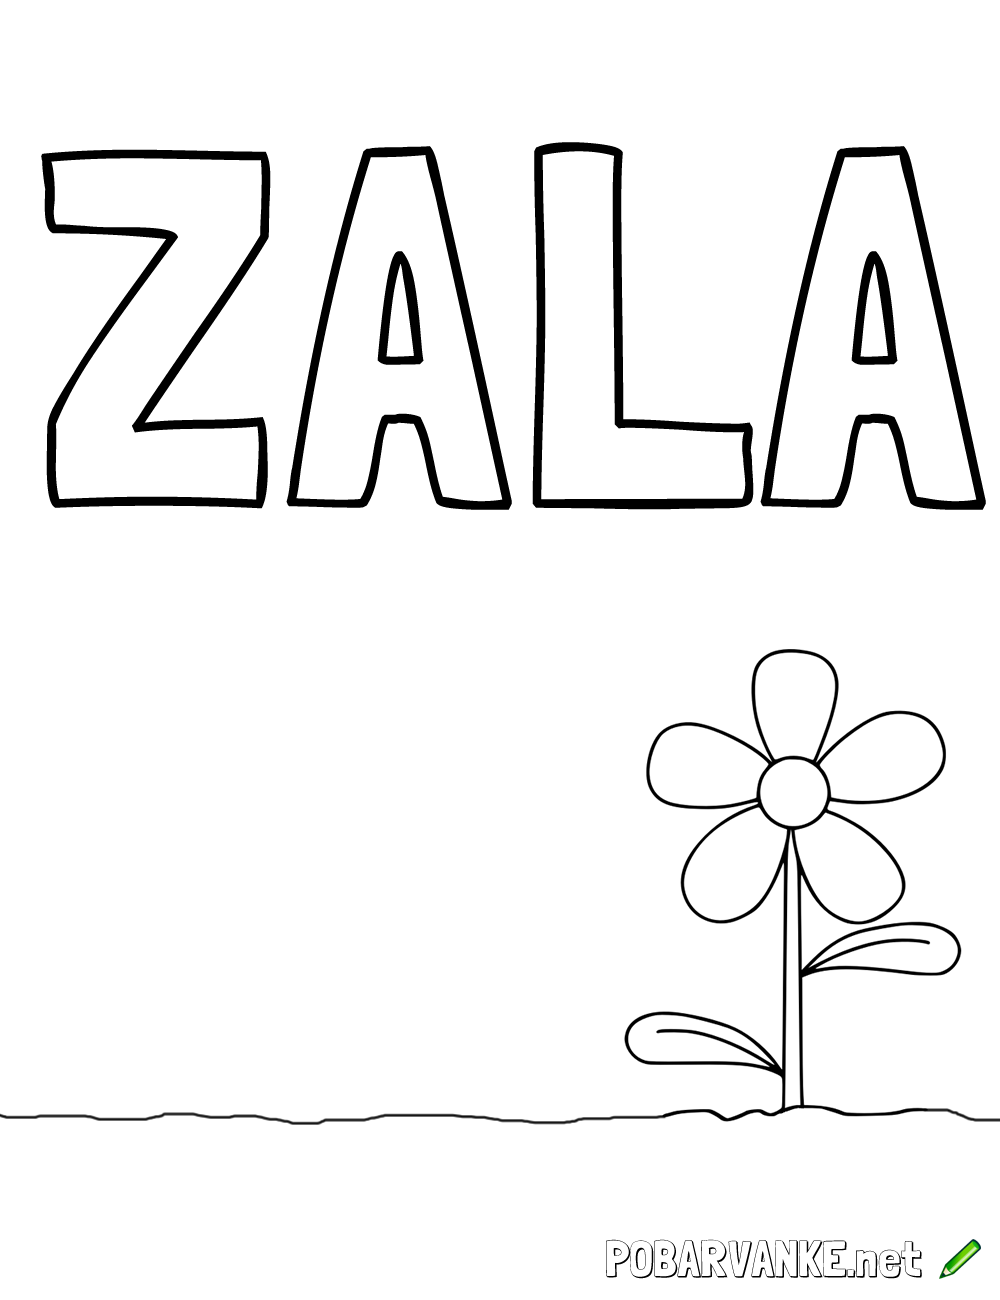 Pobarvanka imena ZALA (2)